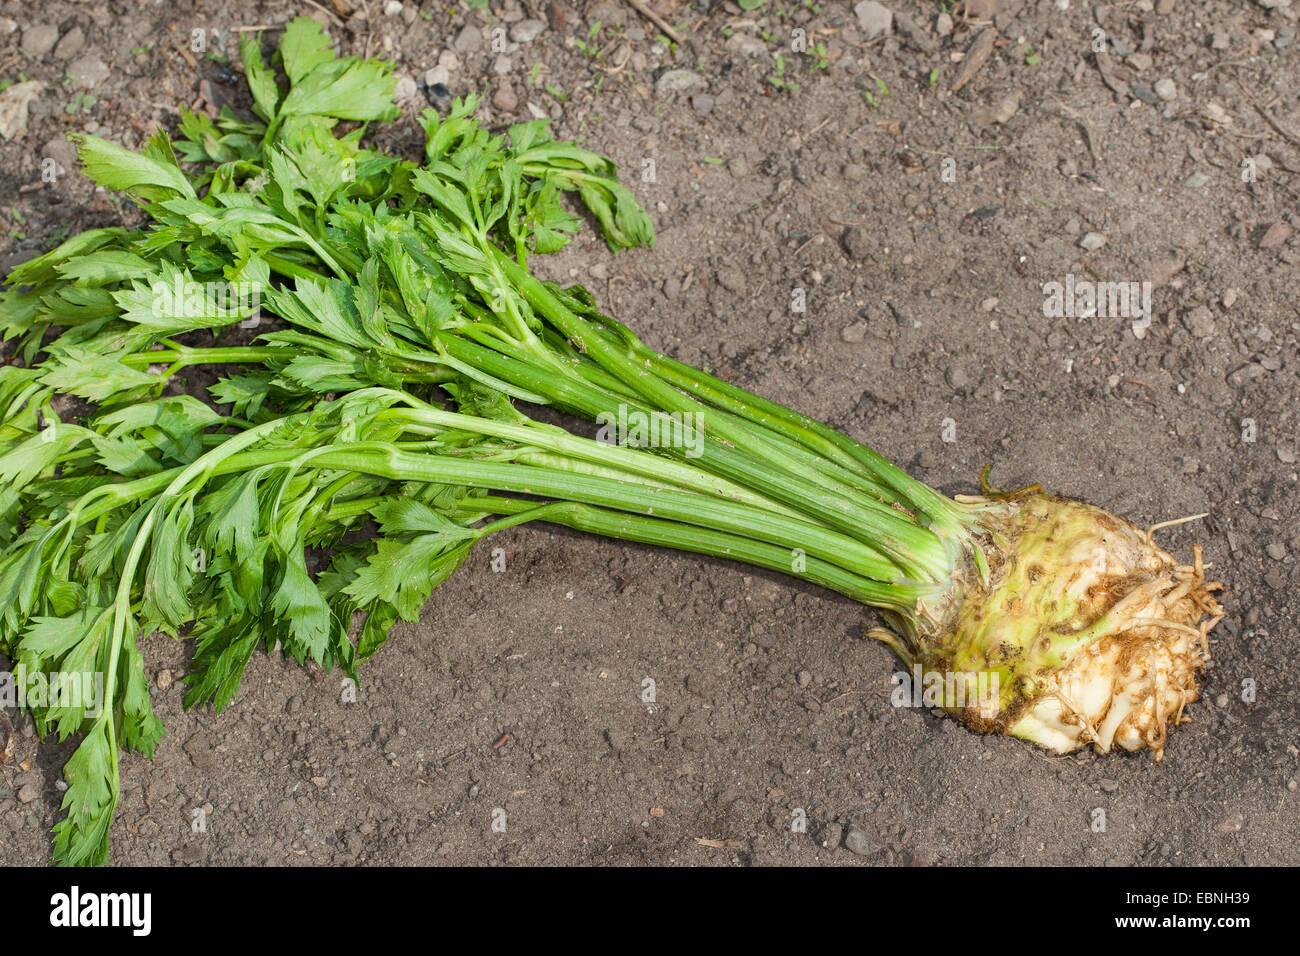 El apio nabo arraigada Celeriac, el apio, la perilla apio (Apium graveolens var. Rapaceum, Apium graveolens rapaceum, Imagen De Stock